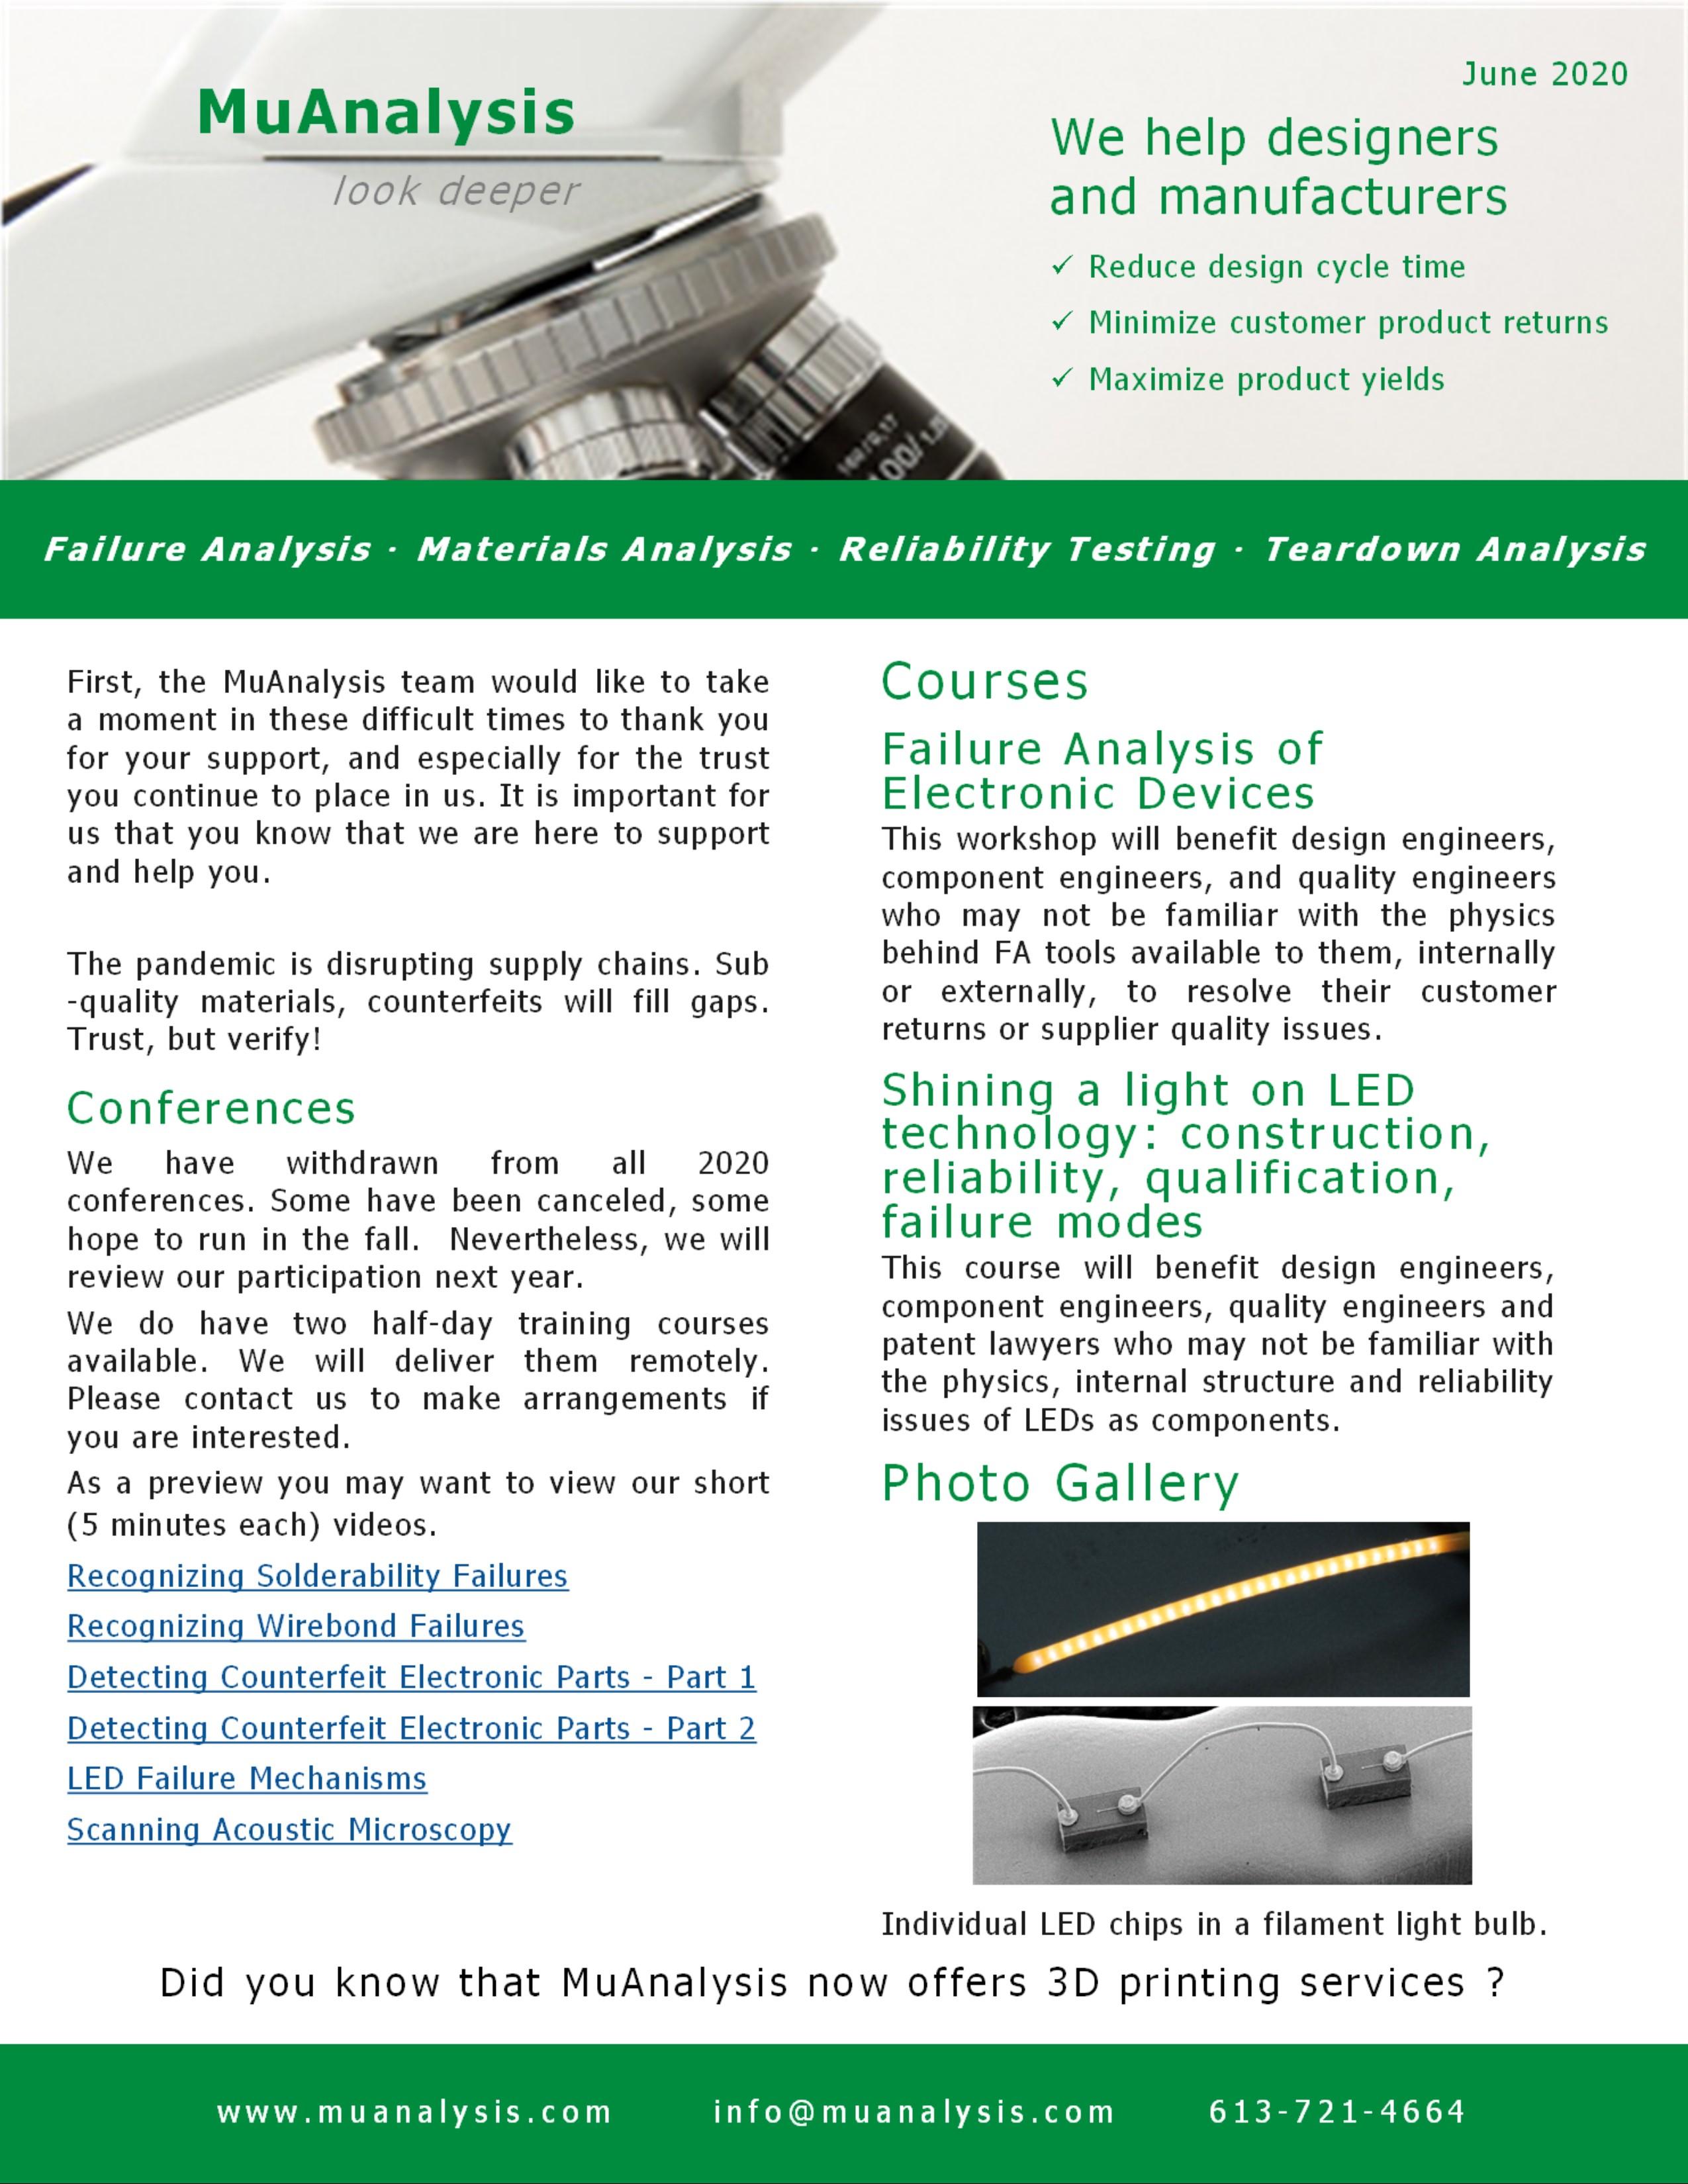 MuAnalysis Newsletter June 2020